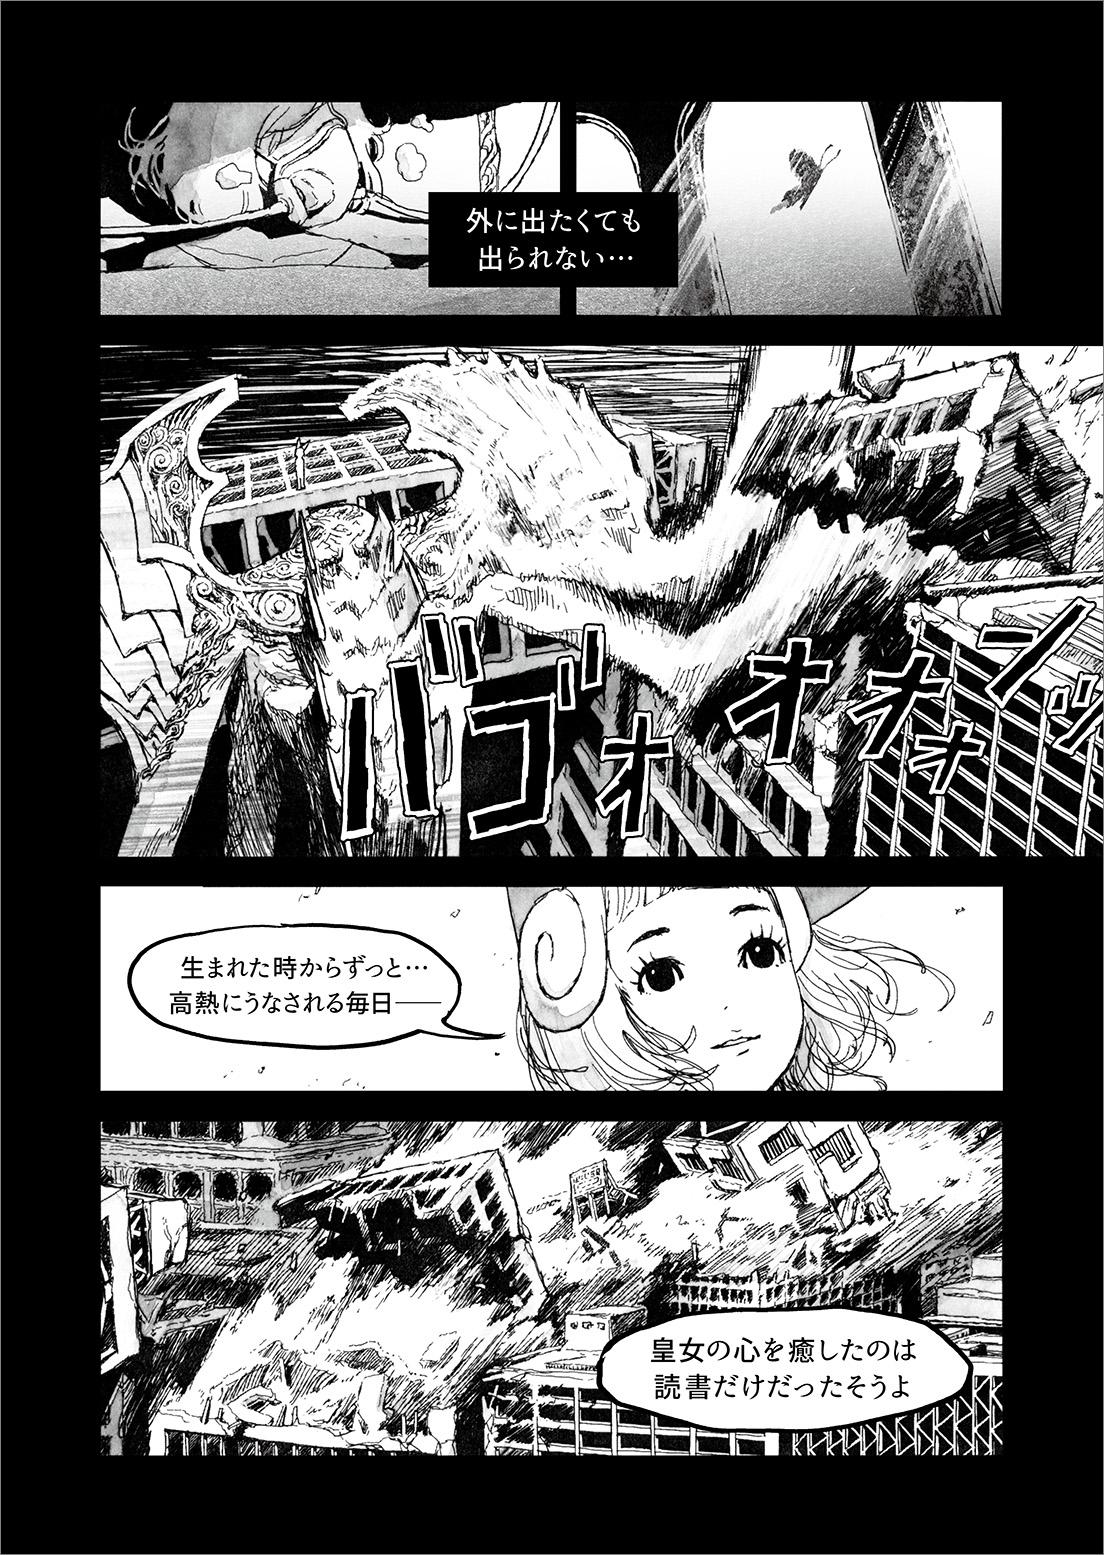 長編漫画「BIBLIOMANIA」連載 第10話「追憶」10P